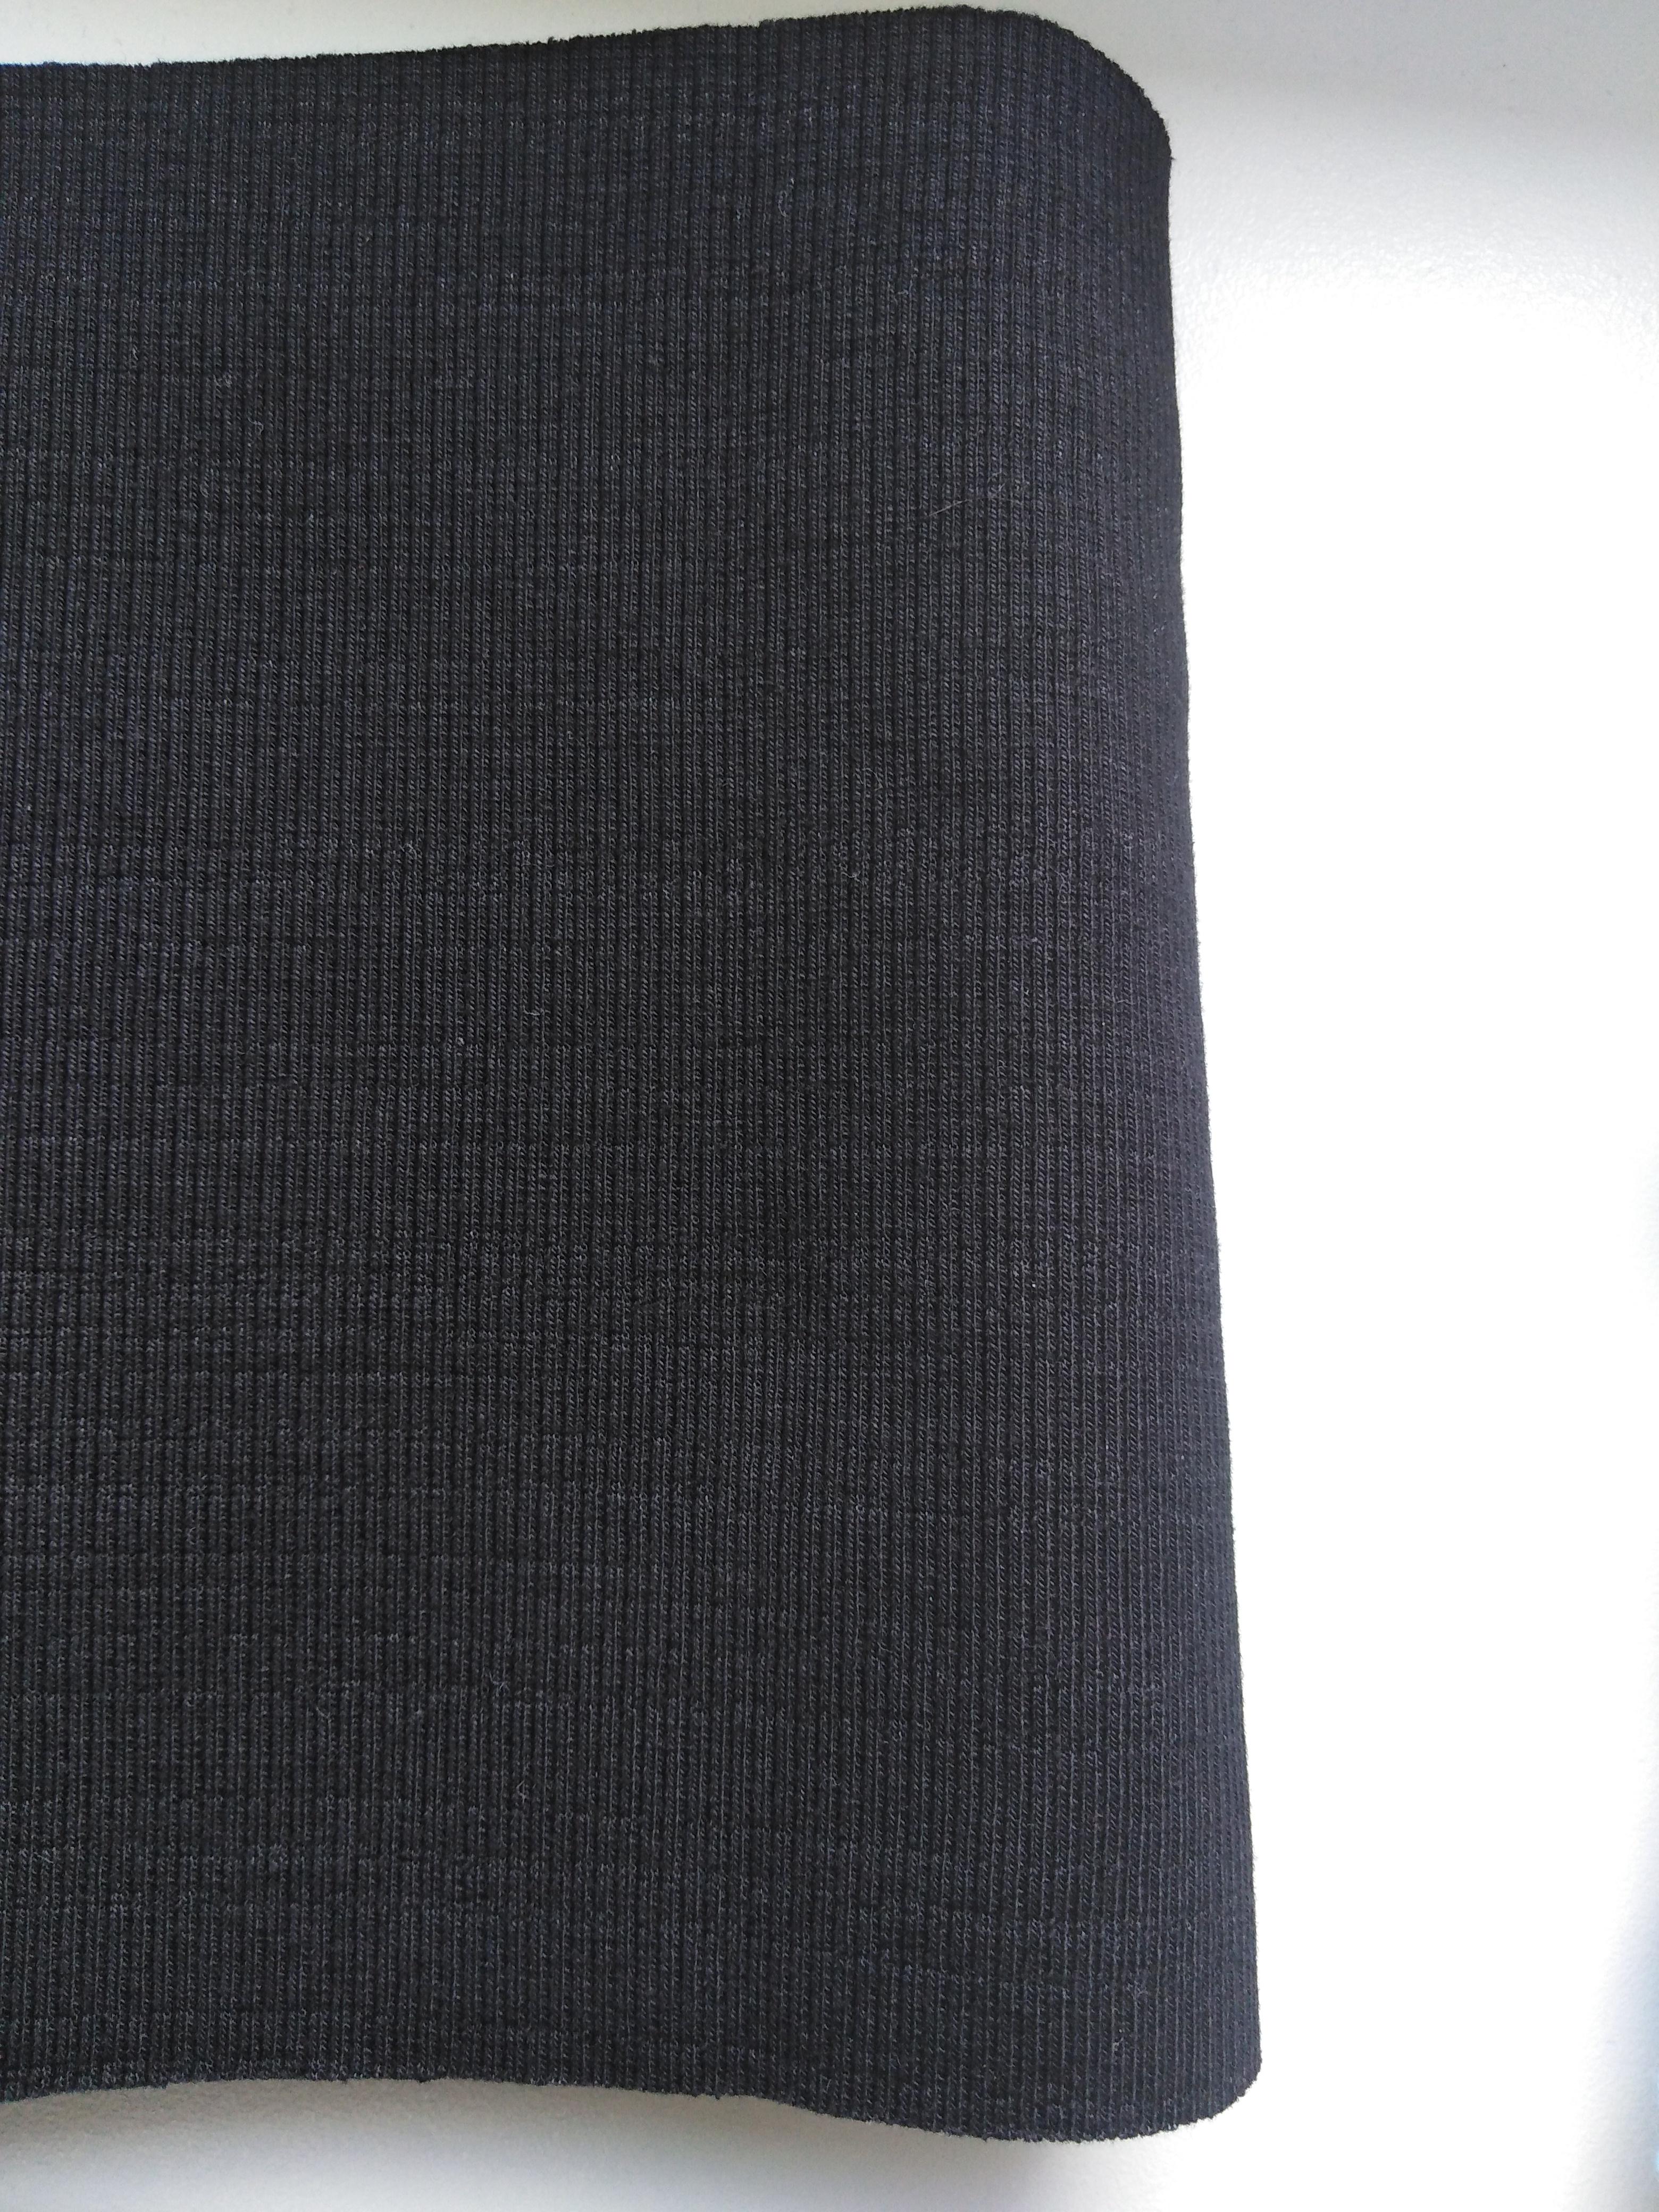 Náplet bavlněný odstřih černý 80 x 16 cm